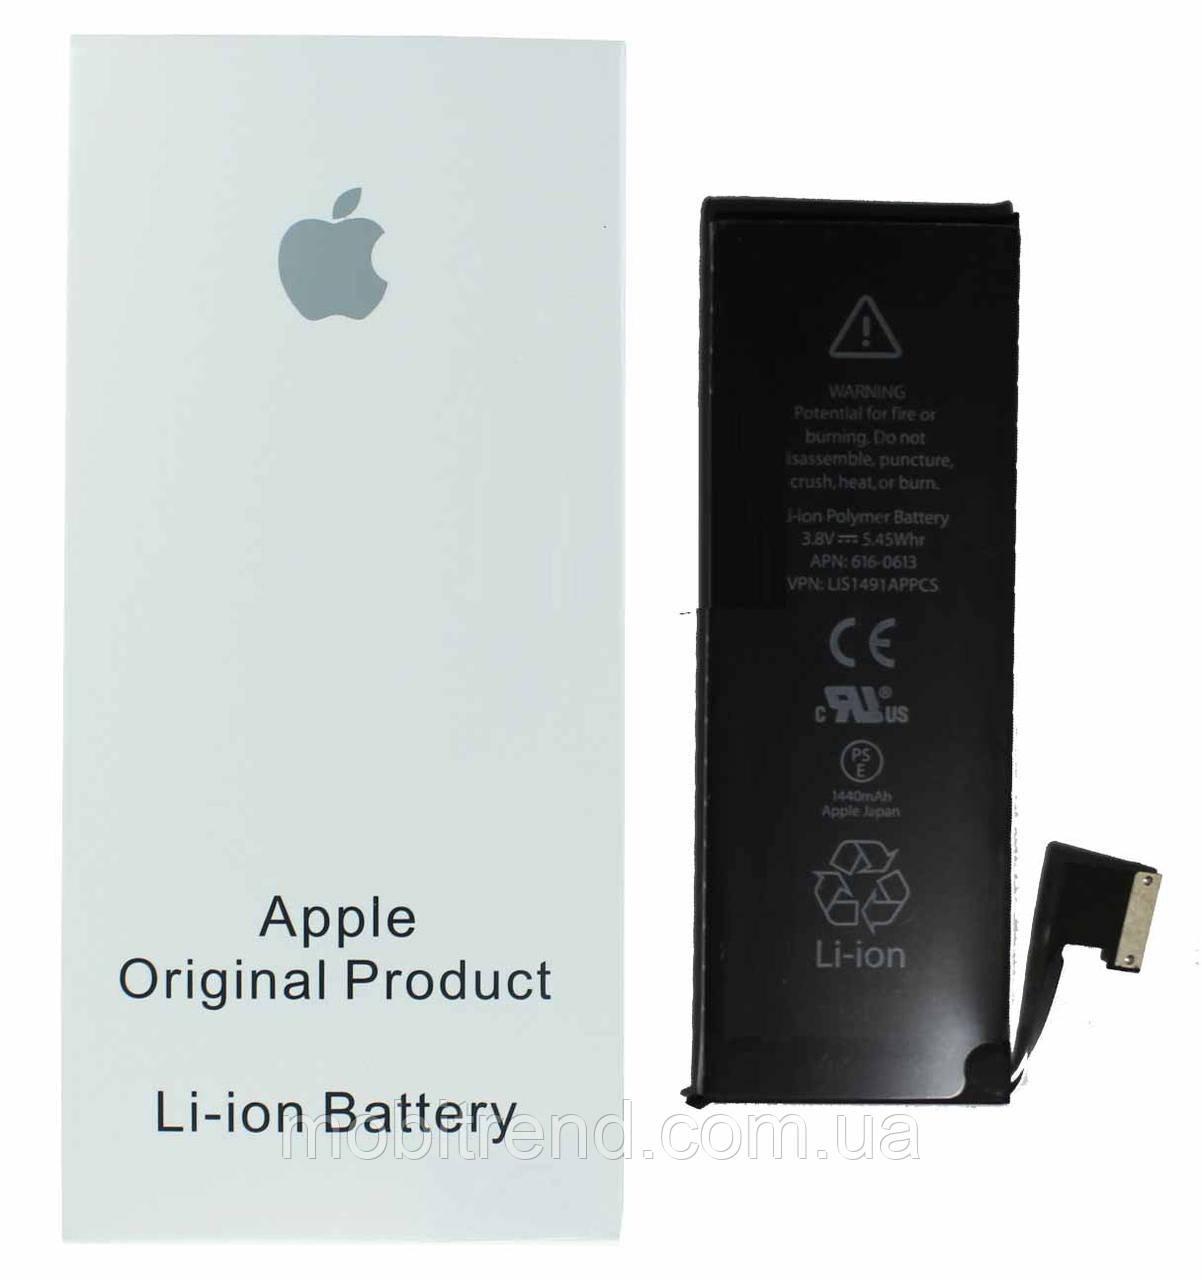 Аккумулятор для Apple iPhone 5 Оригинал (в упаковке)